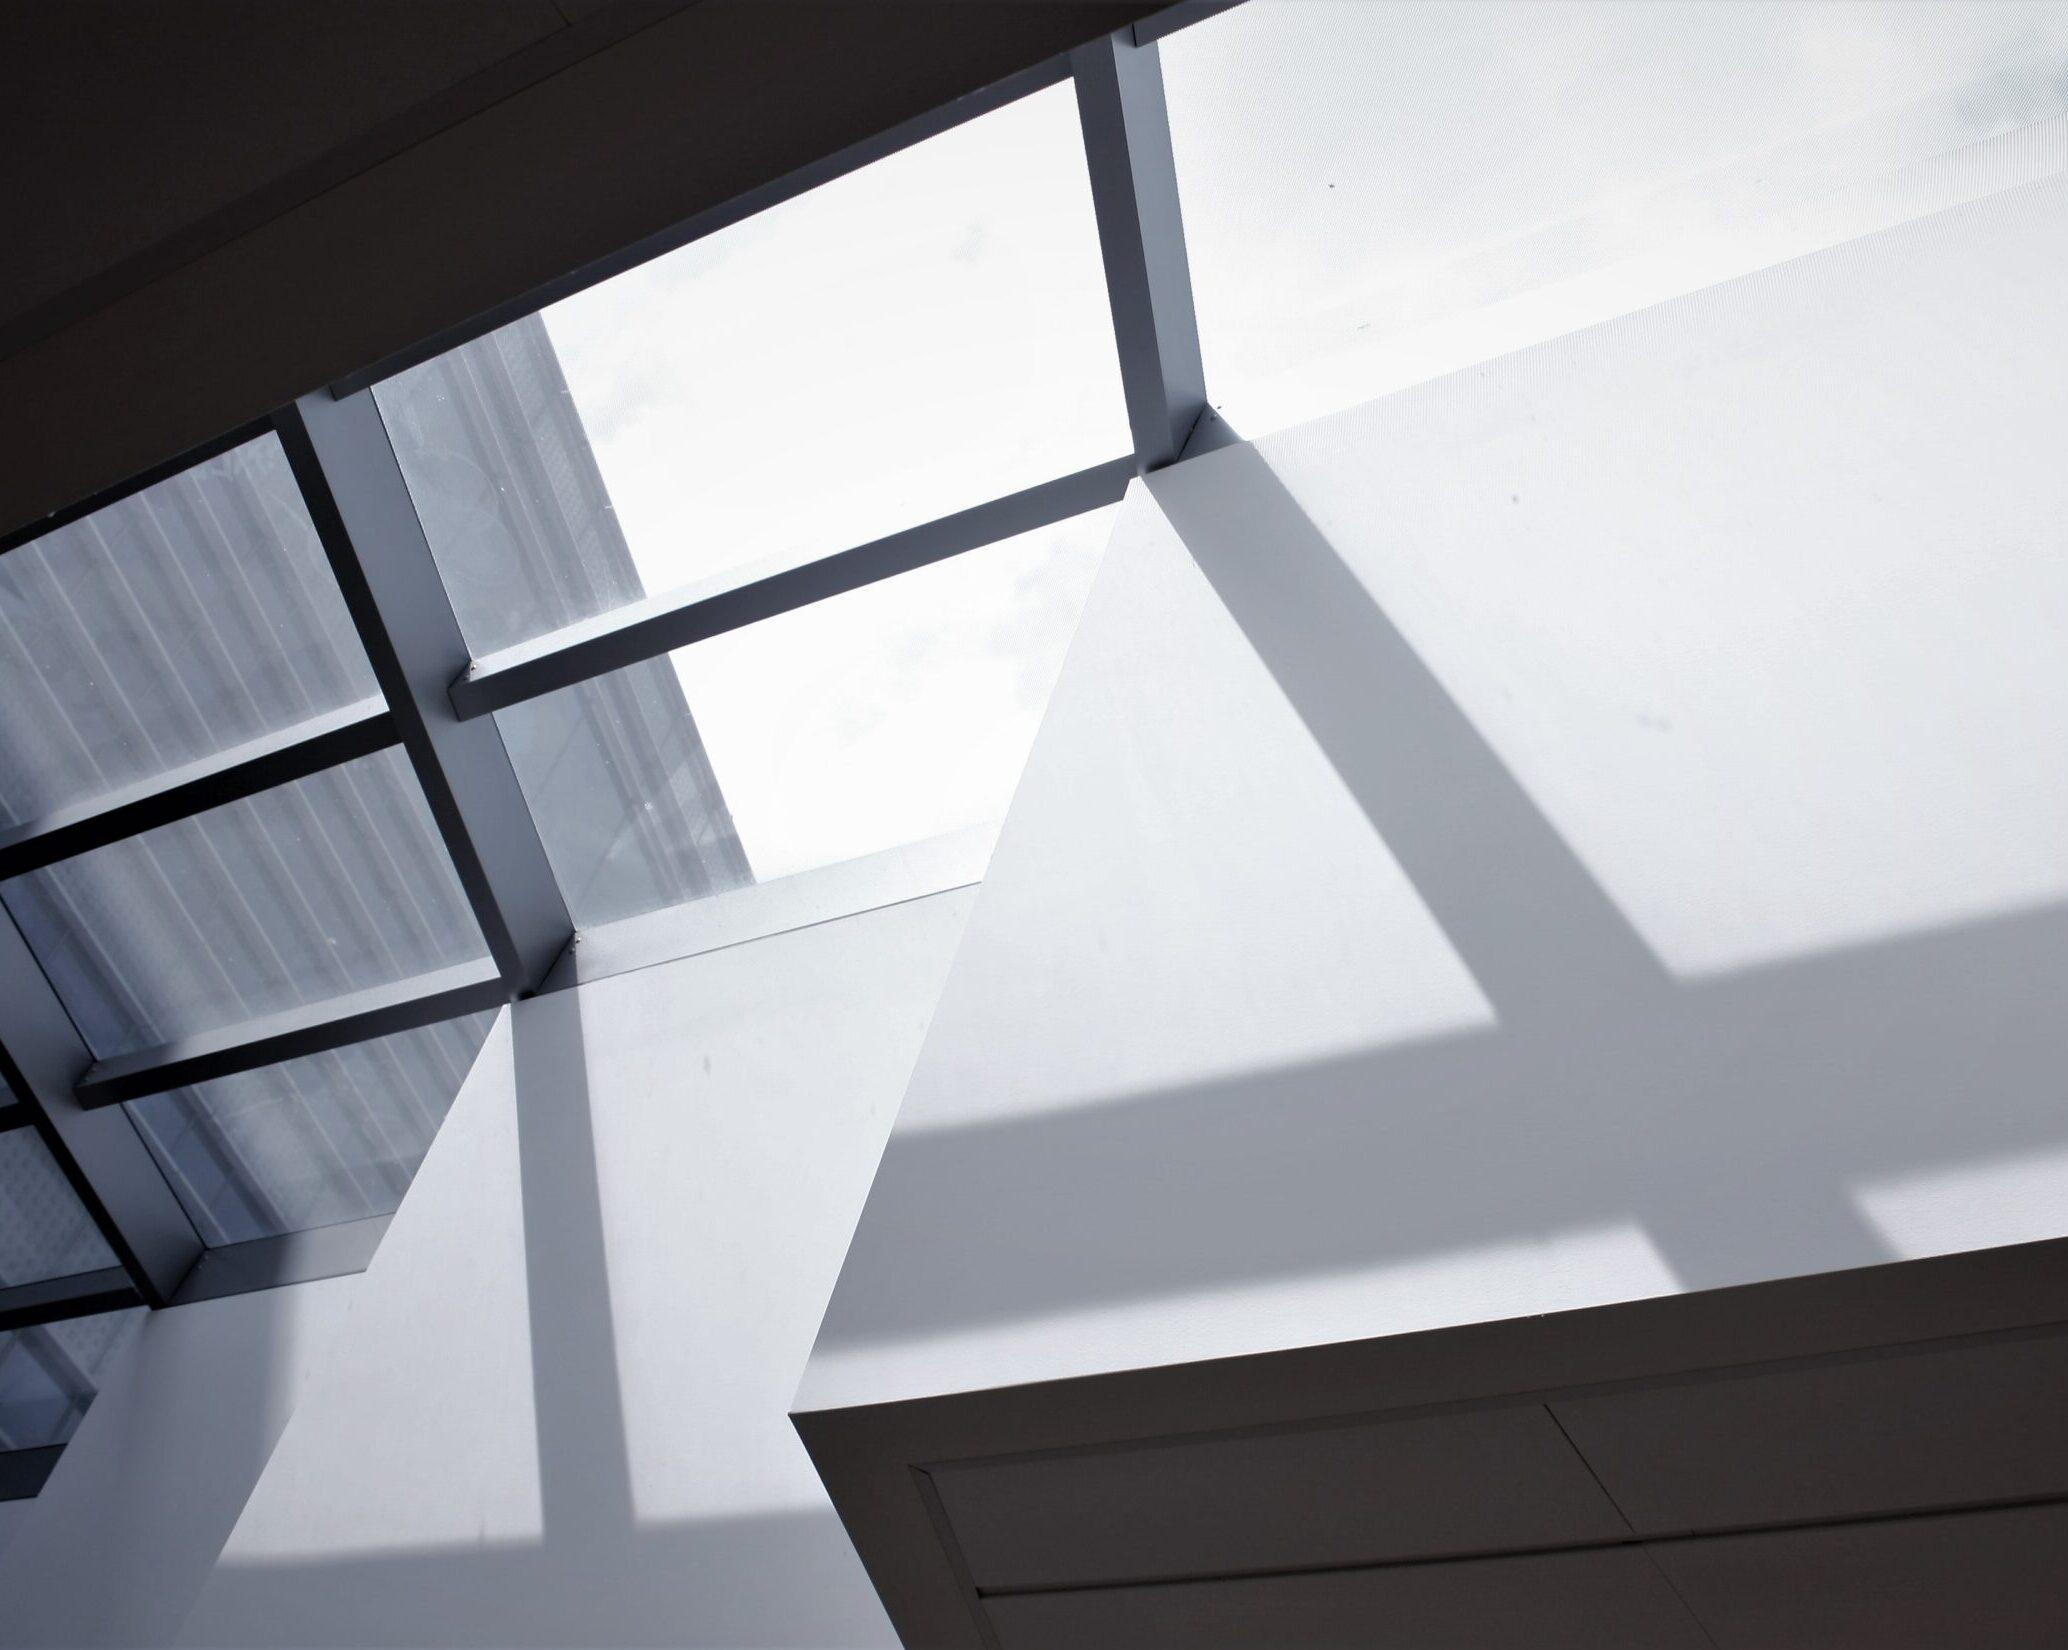 Ein Foto von viereckigen Fenstern, durch die Tageslicht scheint. Die dünnen Balken, welche die einzelnen Fensterscheiben voneinander trennen, werfen Schattenbalken auf die weißen, versetzt angeordneten Wände.